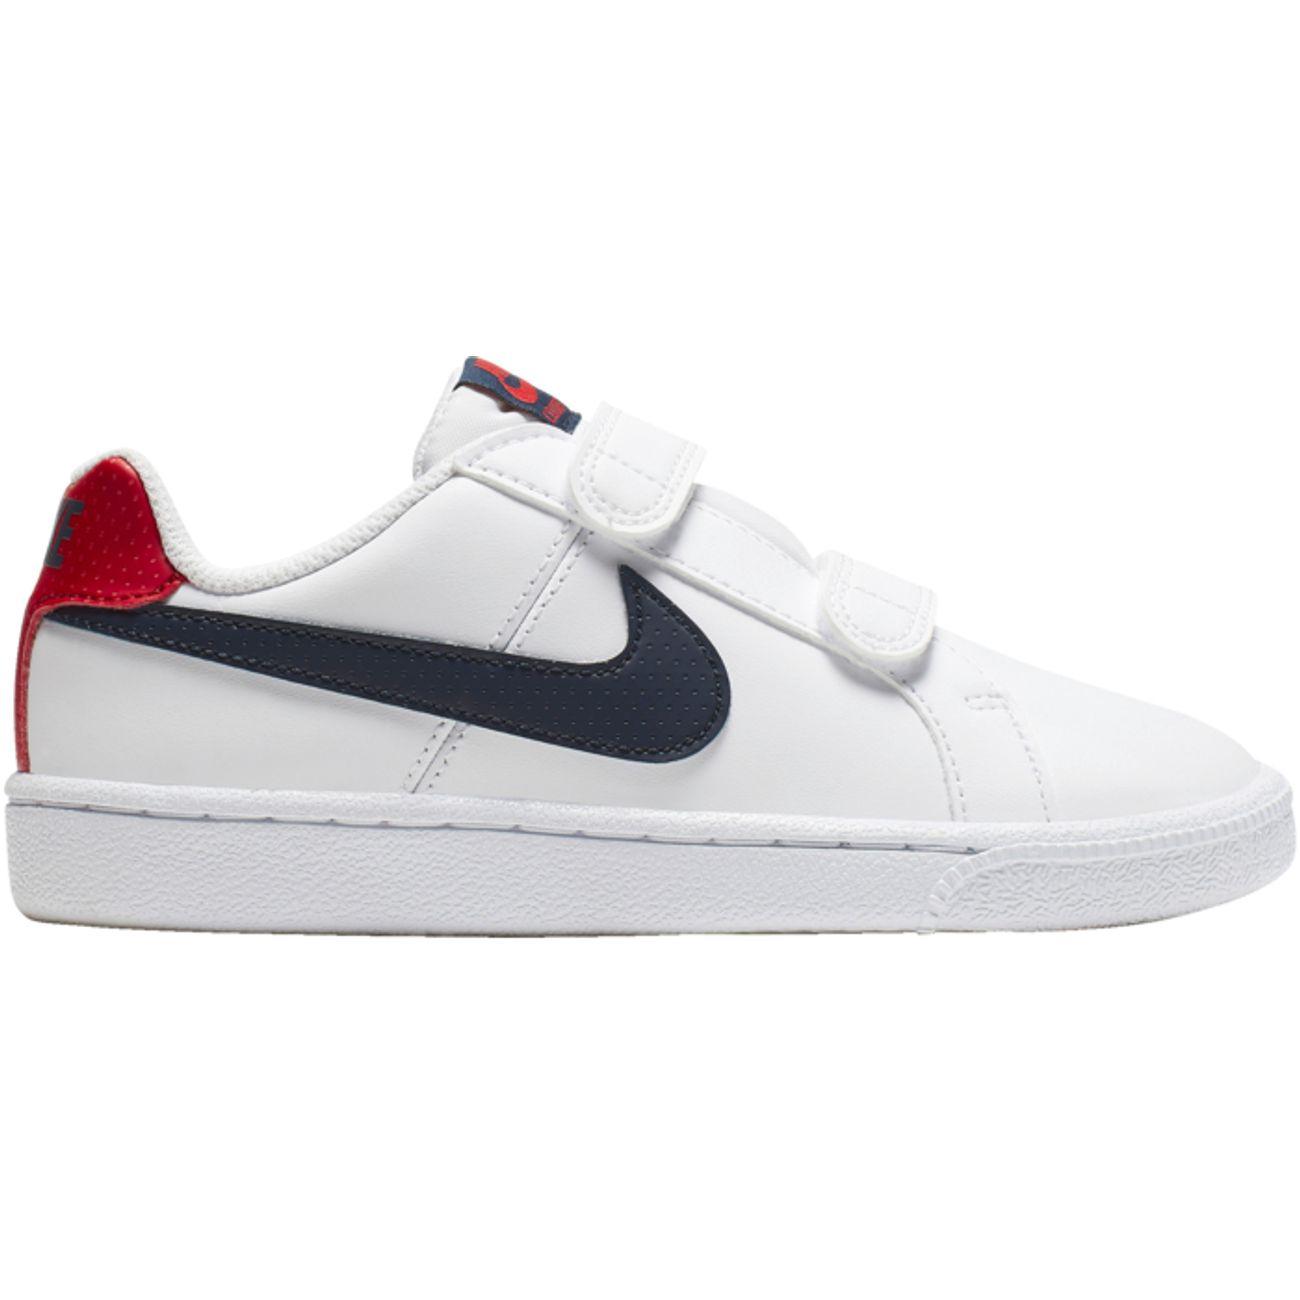 Nike Court Royale – Soldes et achat pas cher GO Sport